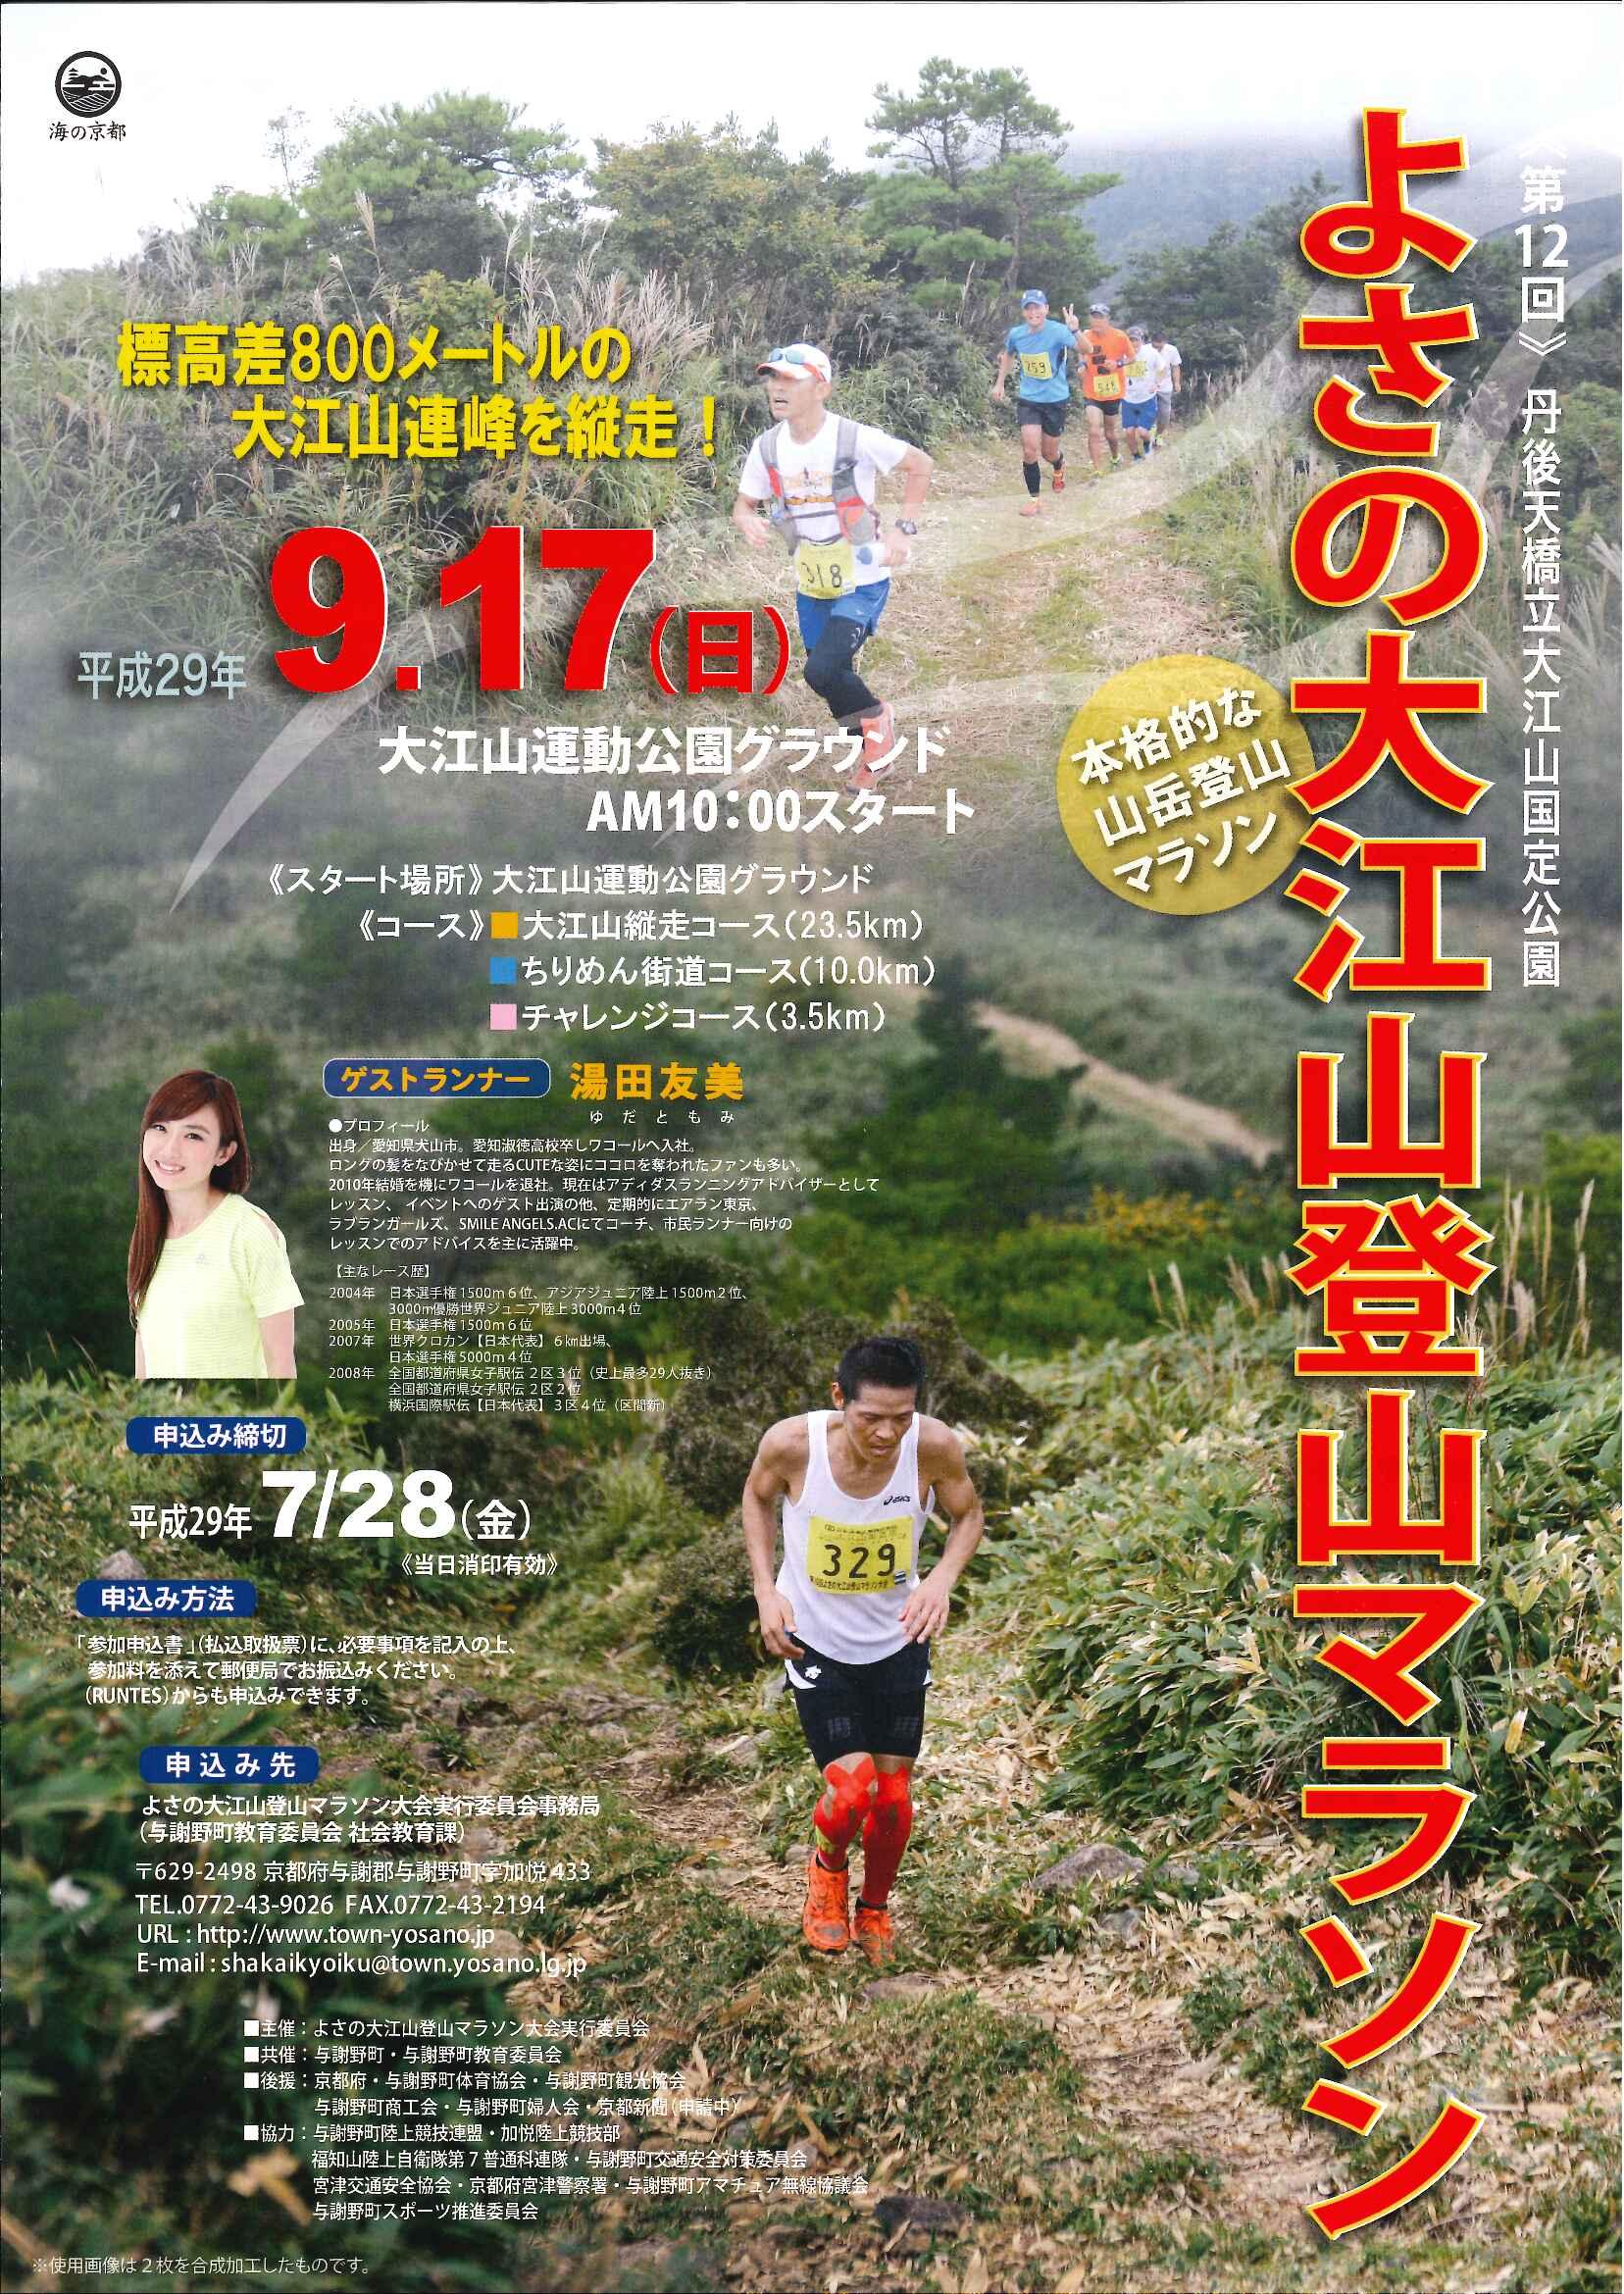 第12回よさの大江山登山マラソン大会開催の有無について